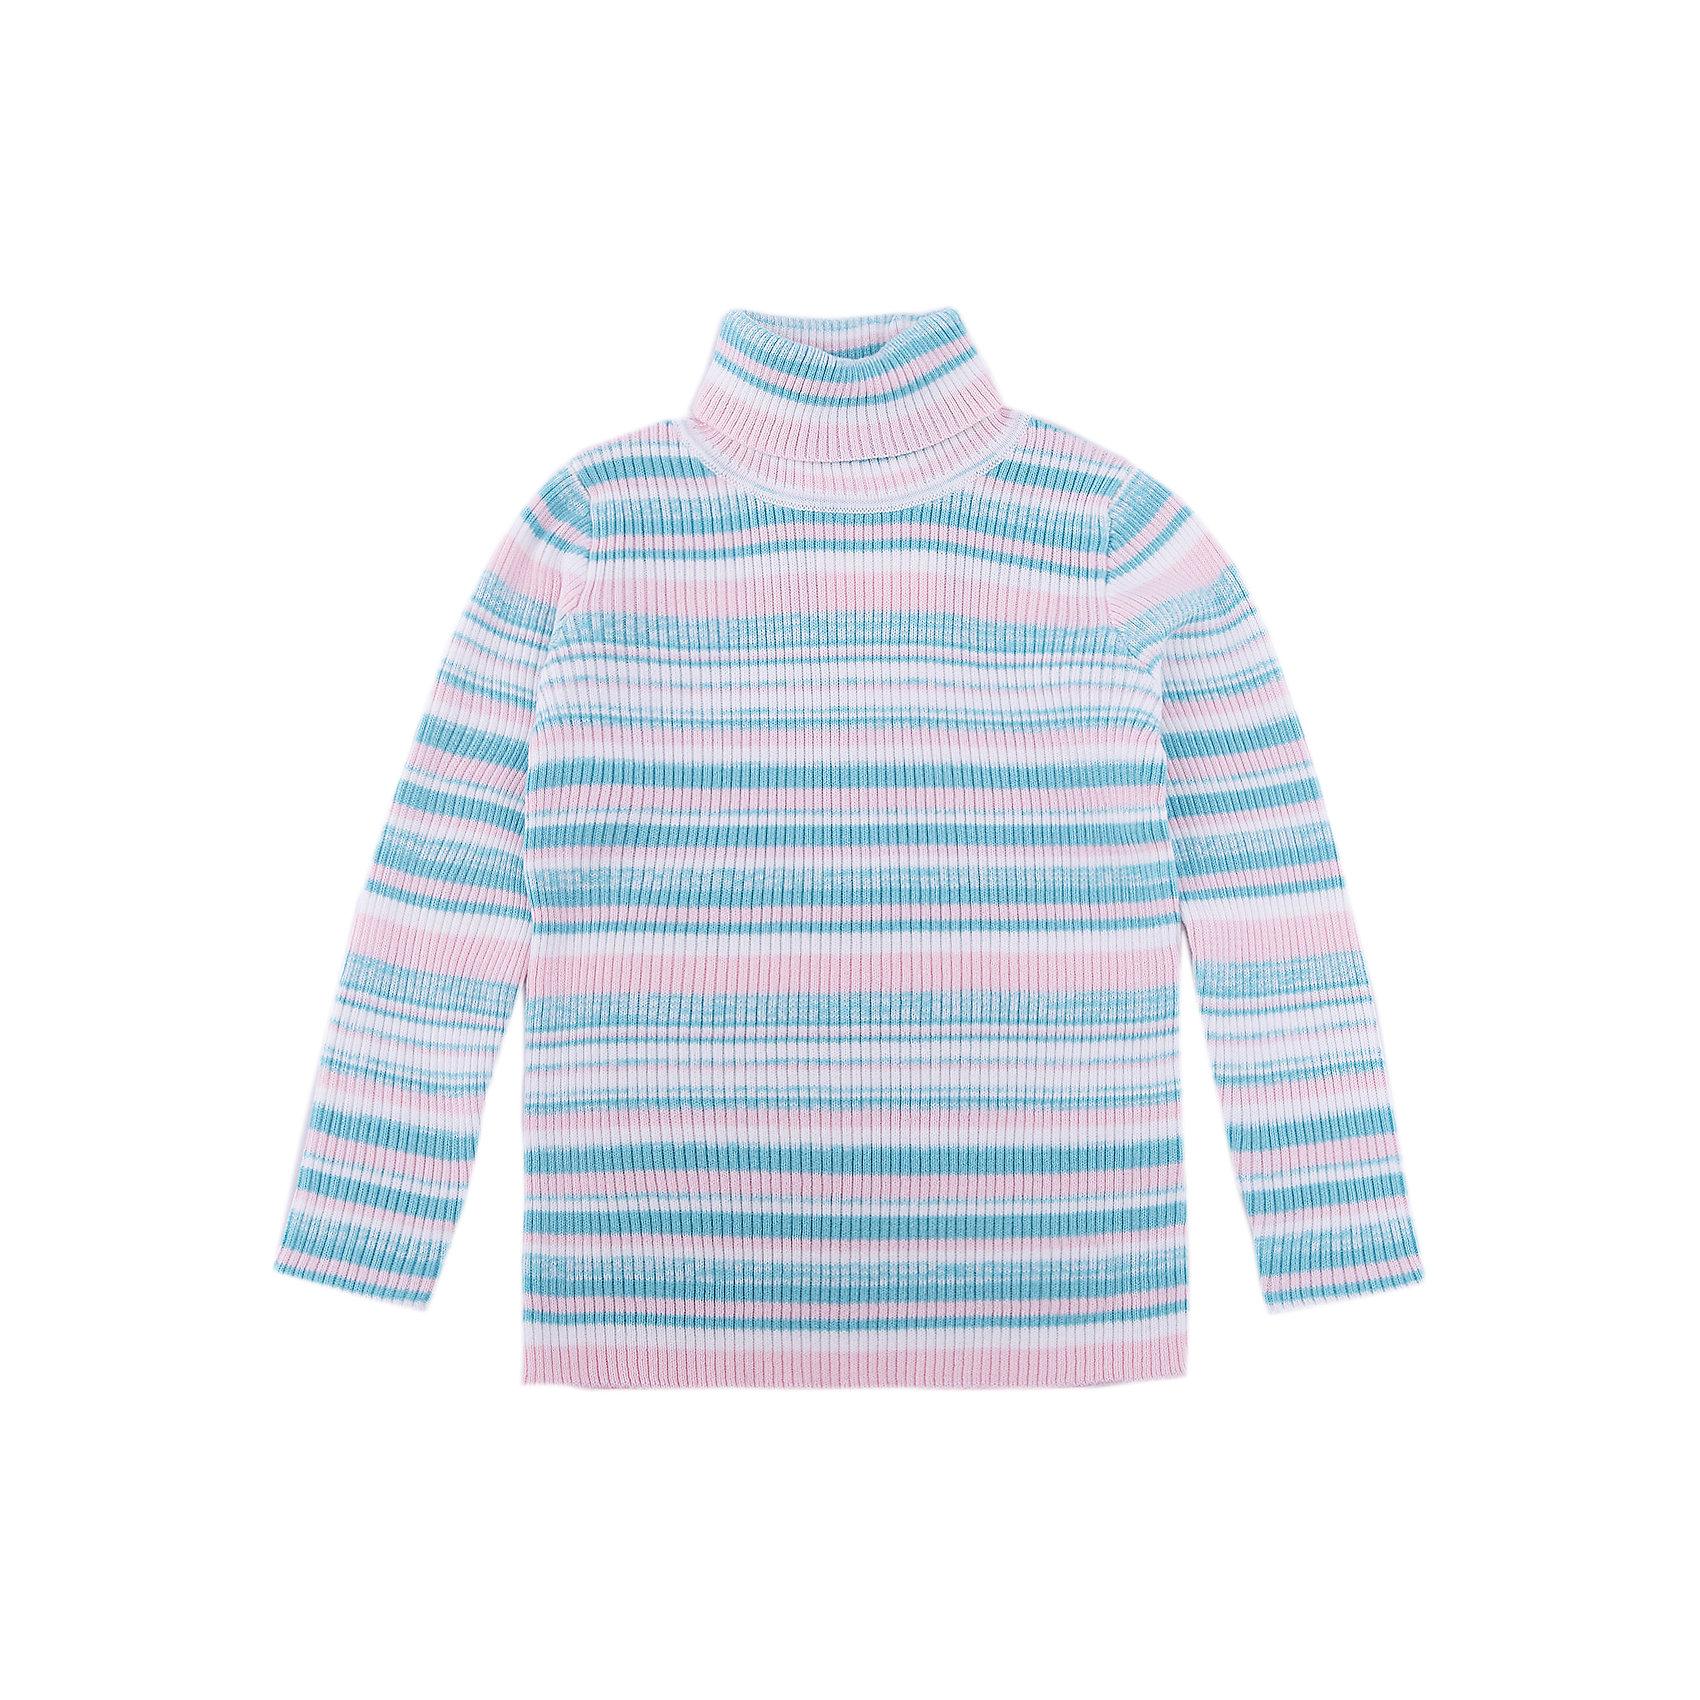 Свитер PlayToday для девочкиСвитера и кардиганы<br>Свитер PlayToday для девочки<br>Свитер с высоким горлом - актуальное решение для повседневного гардероба ребенка. Модель выполнена в технике yarn dyed - в процессе производства используются разного цвета нити. Изделие, при рекомендуемом уходе, не линяет и надолго остается в первоначальном виде. Метод вязания исвитера - лапша.<br>Состав:<br>5% шерсть, 20% нейлон, 20% вискоза, 55% полиестер<br><br>Ширина мм: 190<br>Глубина мм: 74<br>Высота мм: 229<br>Вес г: 236<br>Цвет: белый<br>Возраст от месяцев: 84<br>Возраст до месяцев: 96<br>Пол: Женский<br>Возраст: Детский<br>Размер: 128,98,104,110,116,122<br>SKU: 7115618